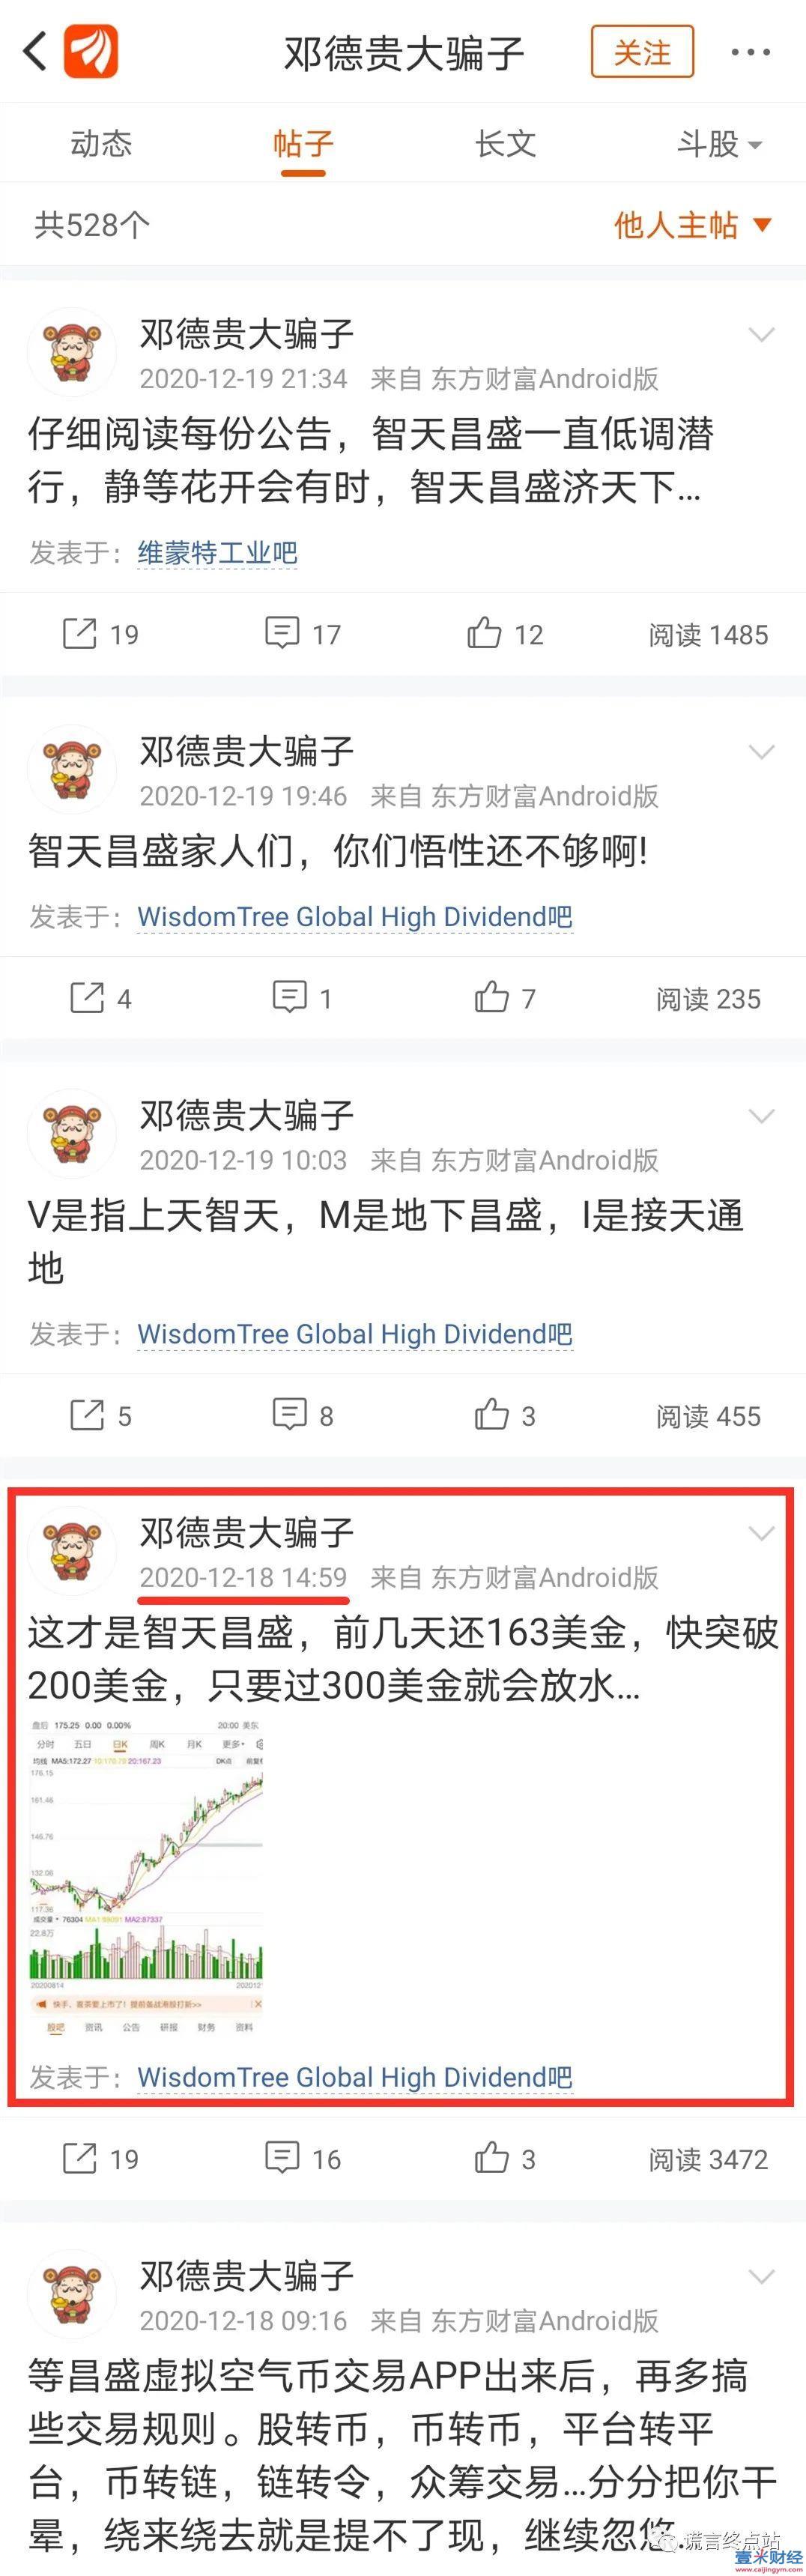 """智天股权最新消息2021年:VMI是智天昌盛买的壳?看流言是如何""""以讹传讹""""的!图(4)"""